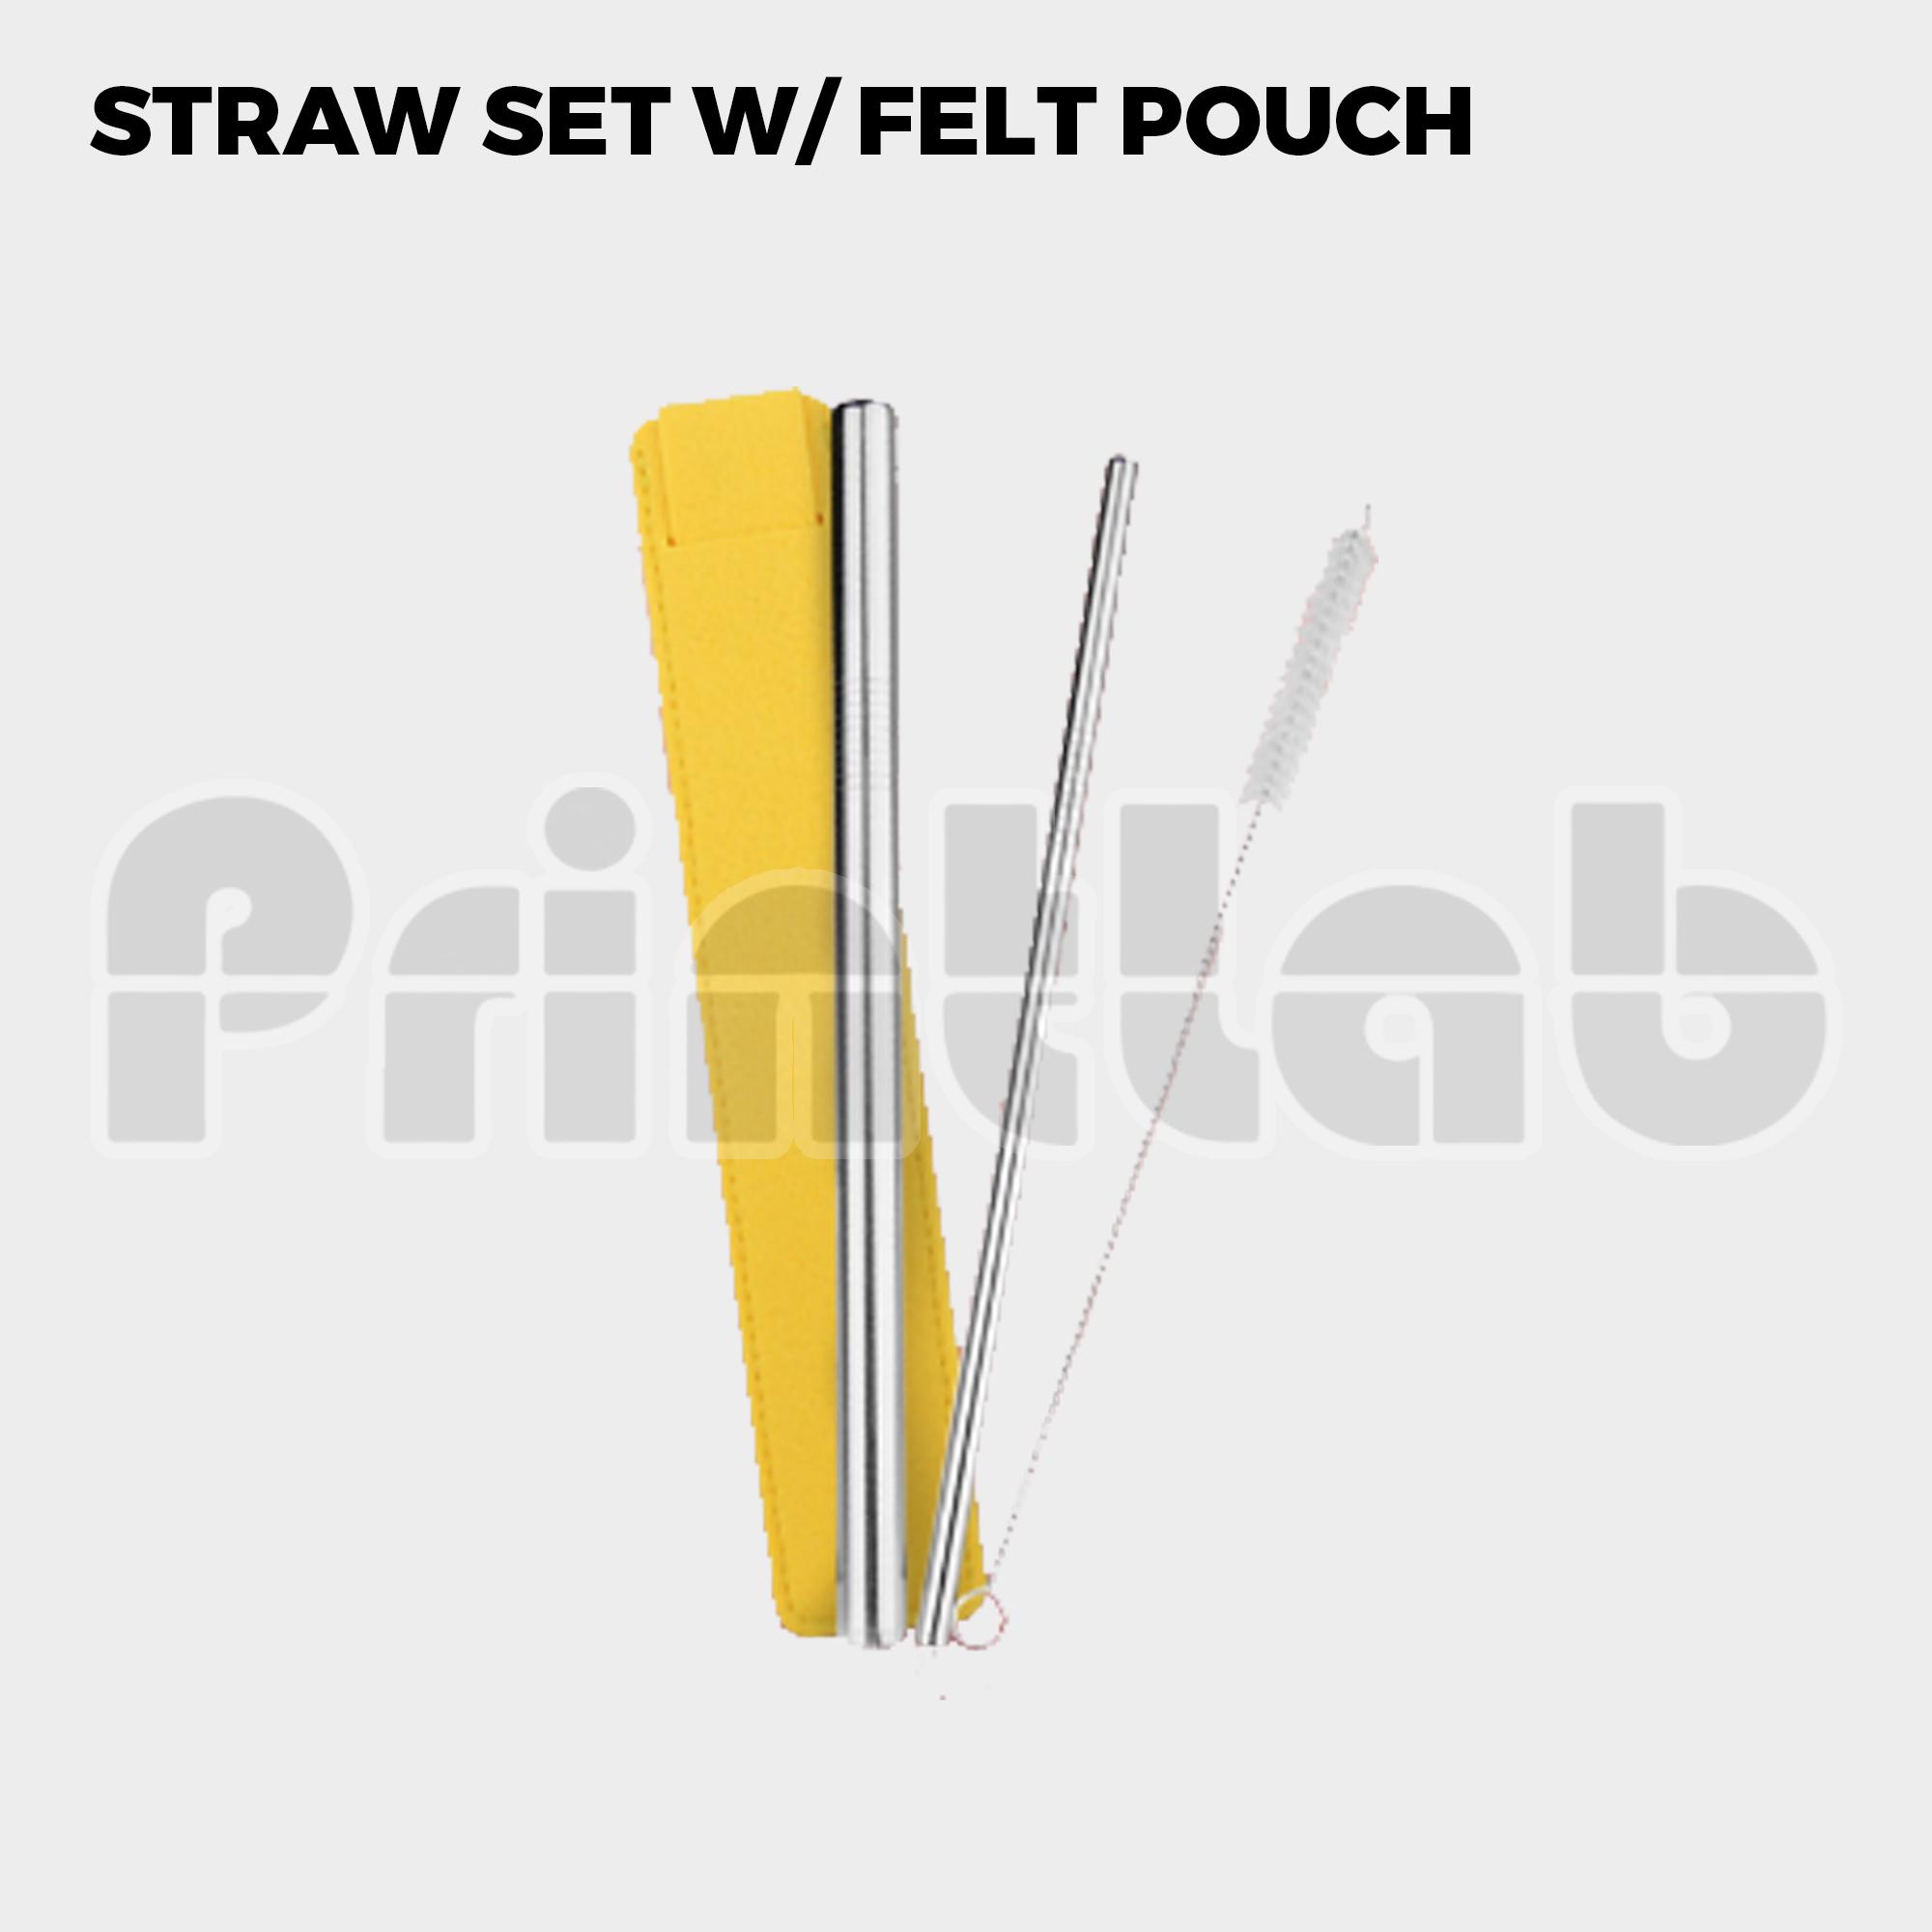 Straw Set w/ Felt Pouch